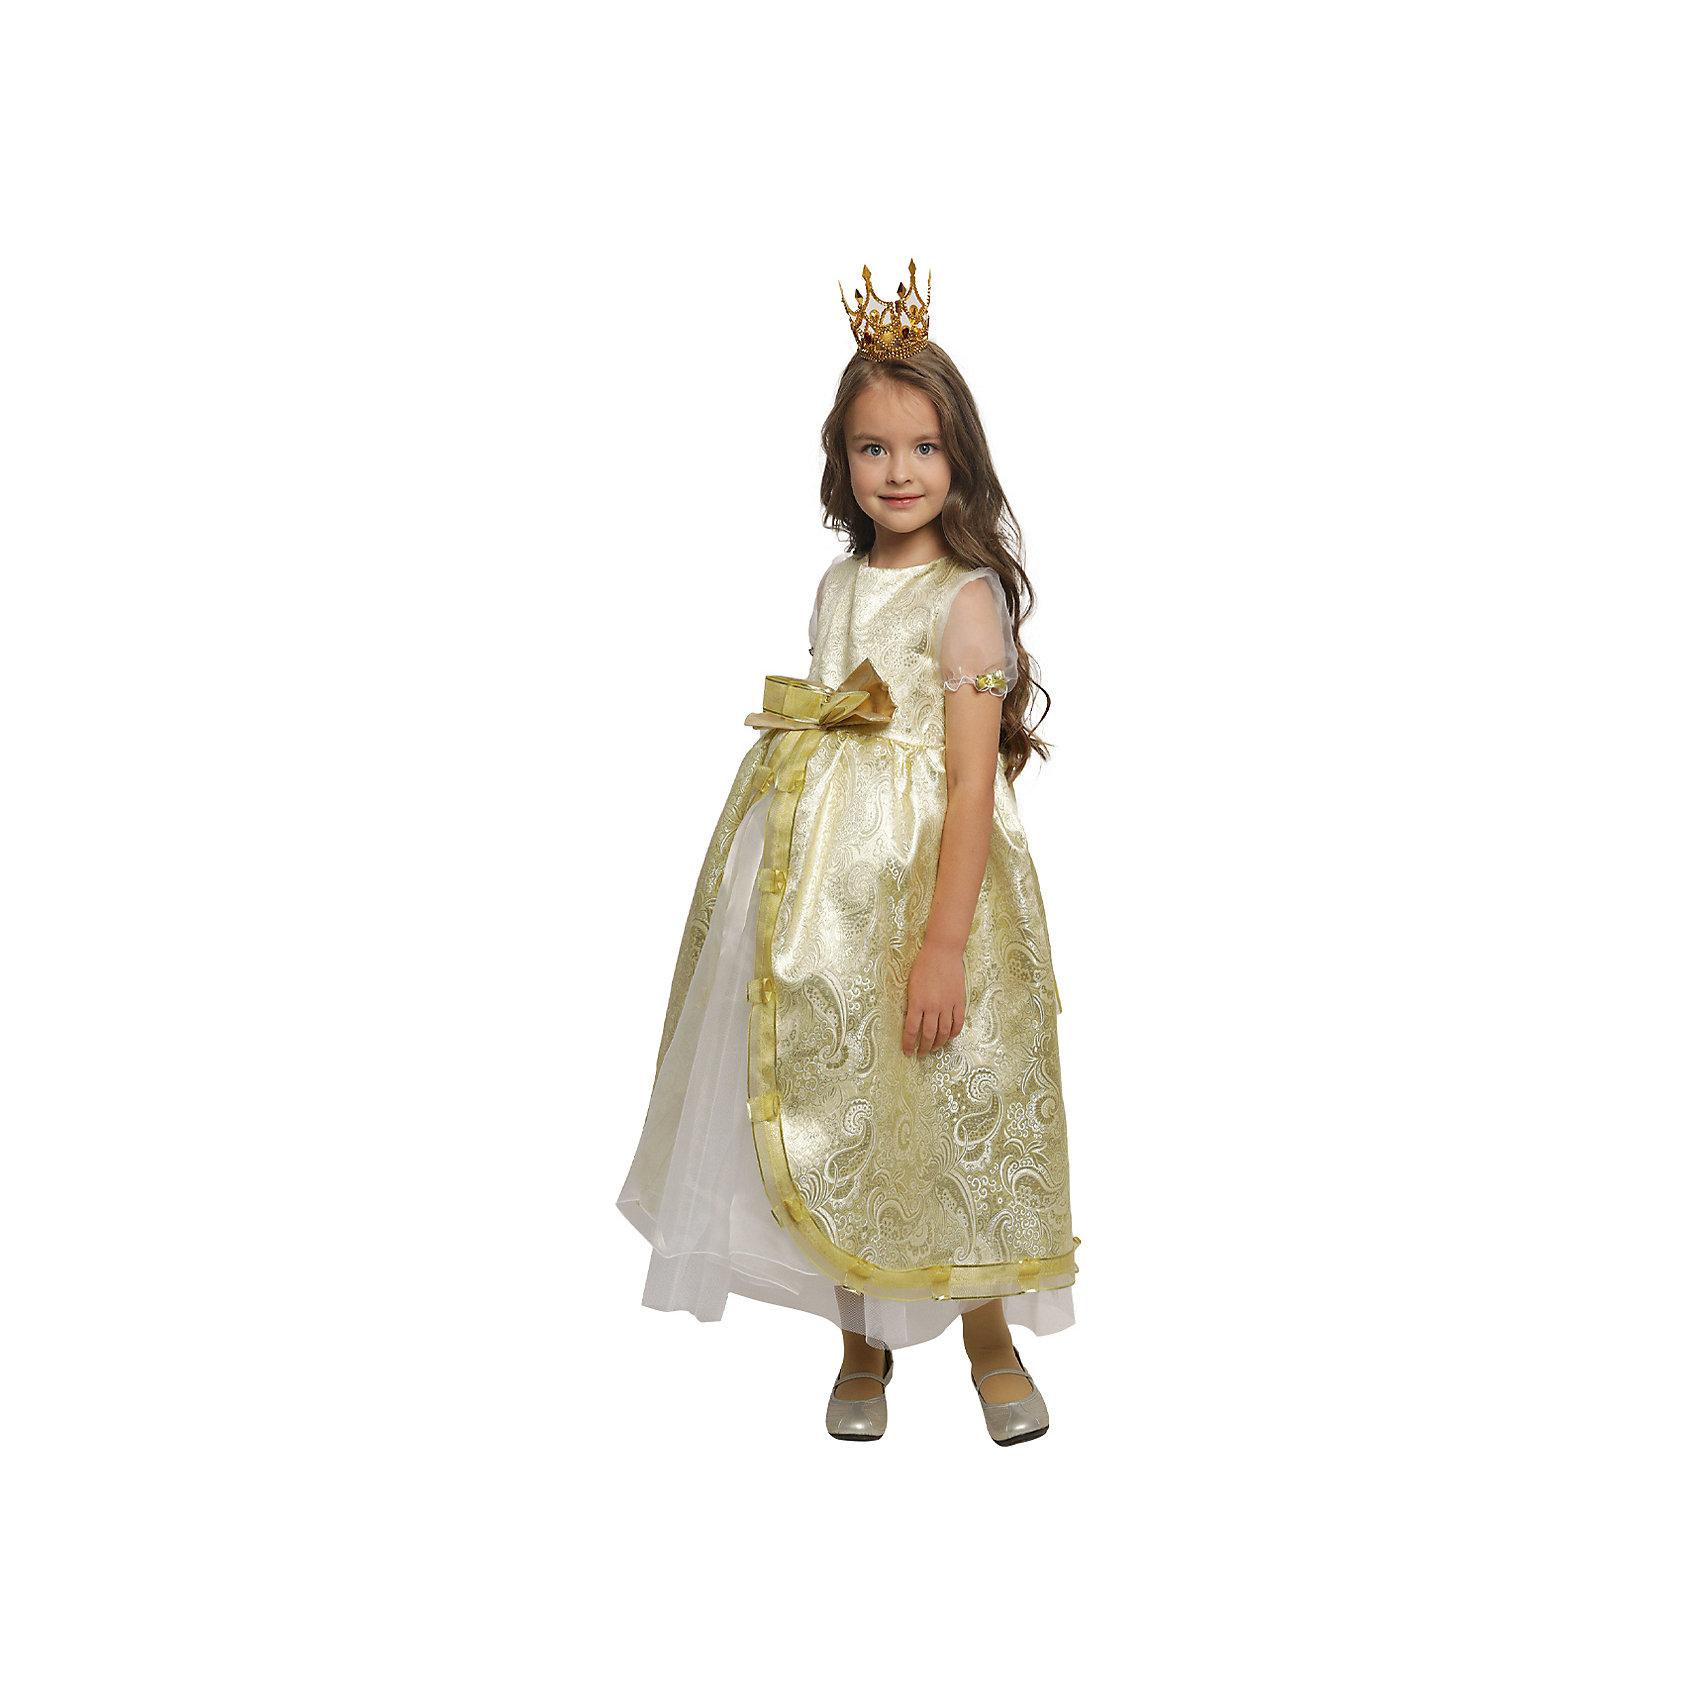 Карнавальный костюм для девочки Принцесса Люкс, ВестификаКарнавальные костюмы и аксессуары<br>Каждая девочка мечтает почувствовать себя настоящей принцессой и поехать на бал в самом красивом платье на свете. Эта мечта становится реальностью, как только девочка примеряет карнавальный костюм Принцесса Люкс. Костюм выполнен из светлой парчи с золотой нитью. Многочисленные нижние юбки из тафеты и органзы придают объем шикарному бальному платью. Маленькая корона фиксируется на волосах невидимками.<br><br>Дополнительная информация:<br><br>Комплектация:<br>Платье из парчи и  органзы<br>Корона<br>Ткани:<br>Парча (100% полиэстер)<br>Органза (100% полиэстер)<br>Тафета (100% полиэстер)<br><br><br>Карнавальный костюм для девочки Принцесса Люкс, Вестифика можно купить в нашем магазине.<br><br>Ширина мм: 236<br>Глубина мм: 16<br>Высота мм: 184<br>Вес г: 360<br>Цвет: разноцветный<br>Возраст от месяцев: 48<br>Возраст до месяцев: 60<br>Пол: Женский<br>Возраст: Детский<br>Размер: 104/110,116/122<br>SKU: 4389256